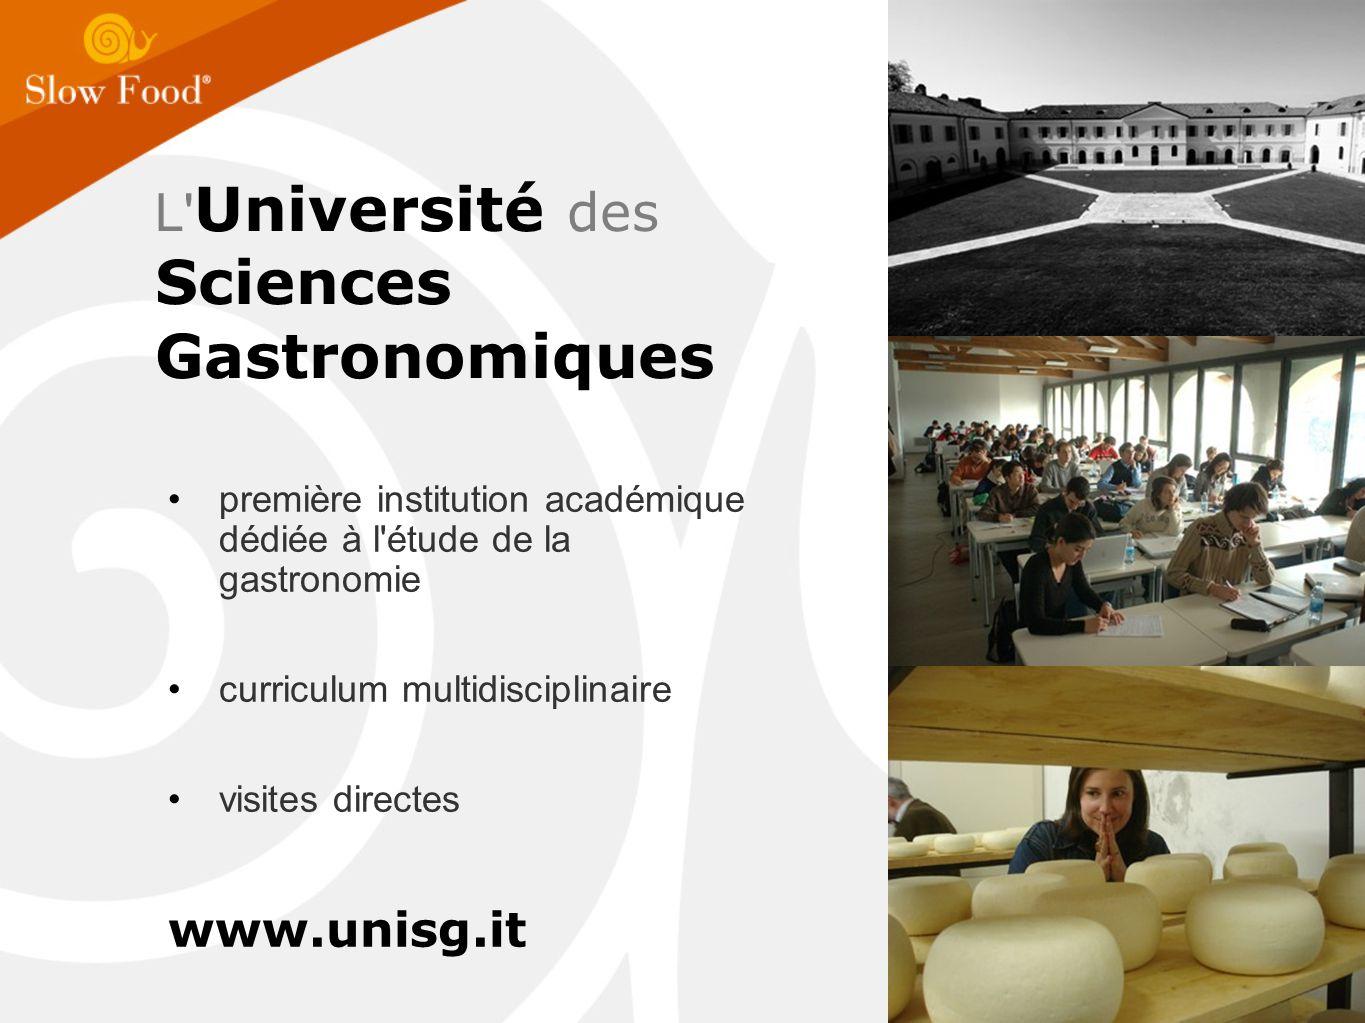 L Université des Sciences Gastronomiques première institution académique dédiée à l étude de la gastronomie curriculum multidisciplinaire visites directes www.unisg.it